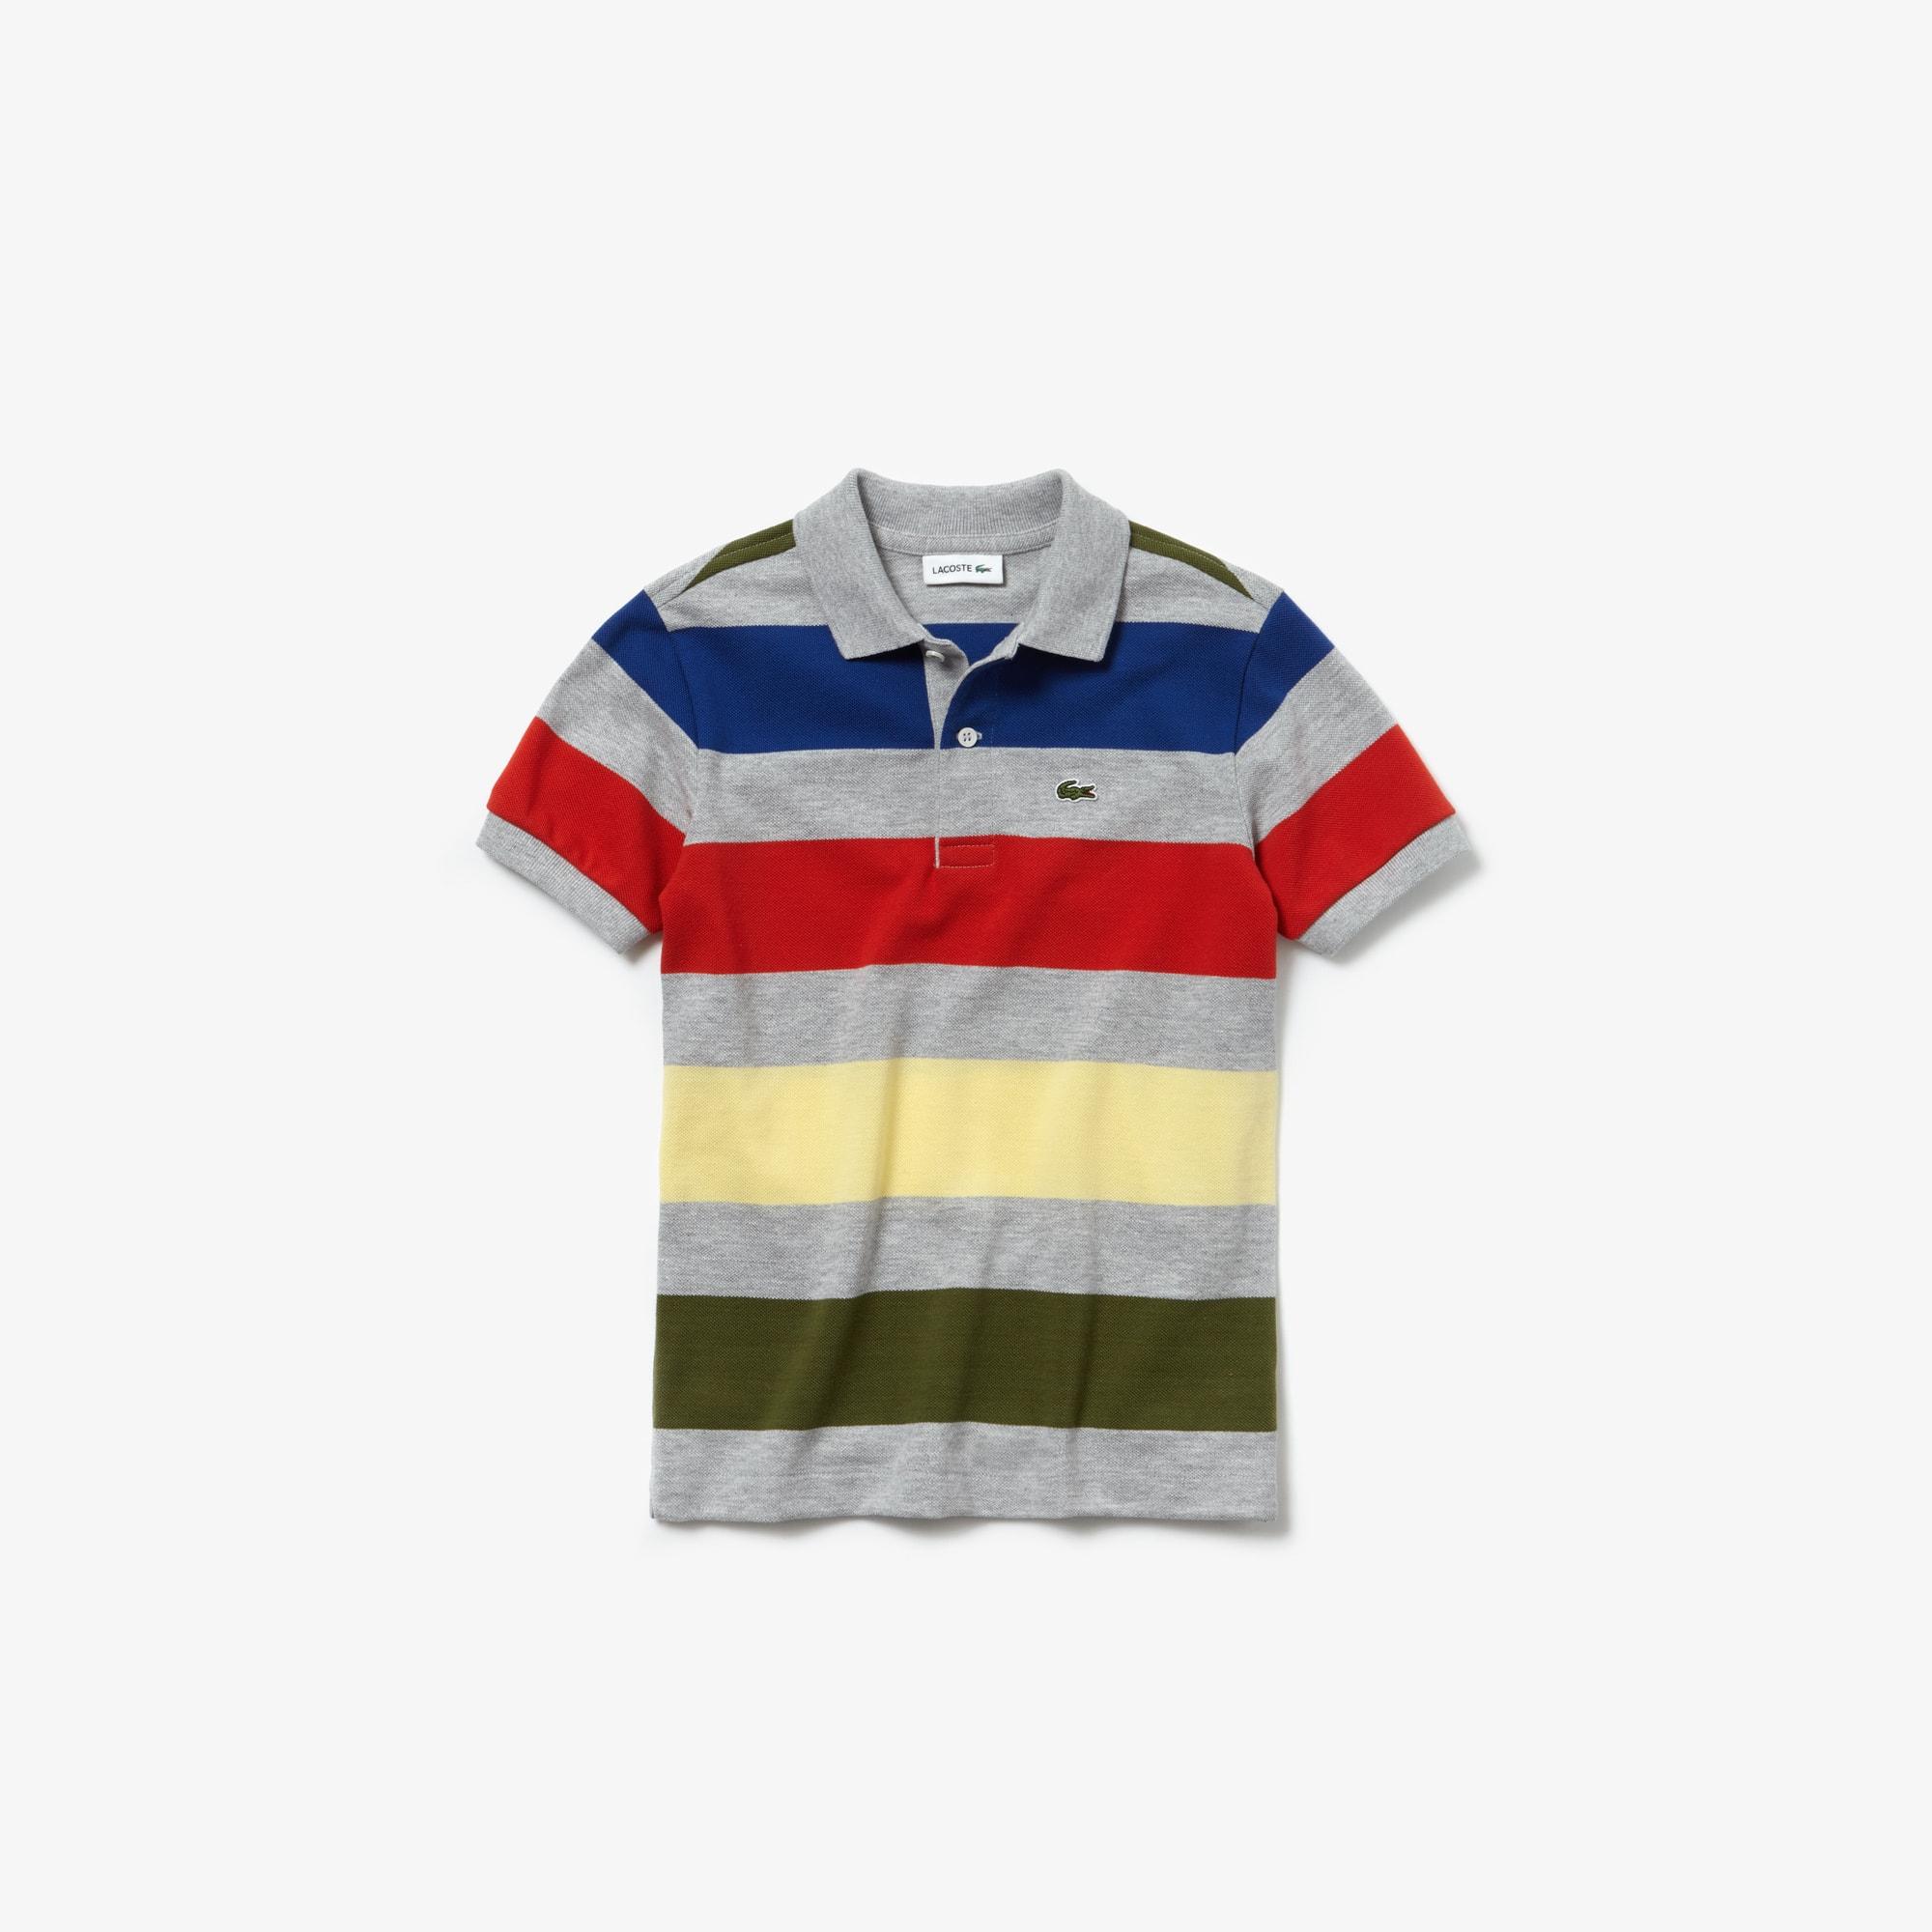 b2c09d29 Boys' Lacoste Colored Stripes Piqué Polo Shirt | LACOSTE